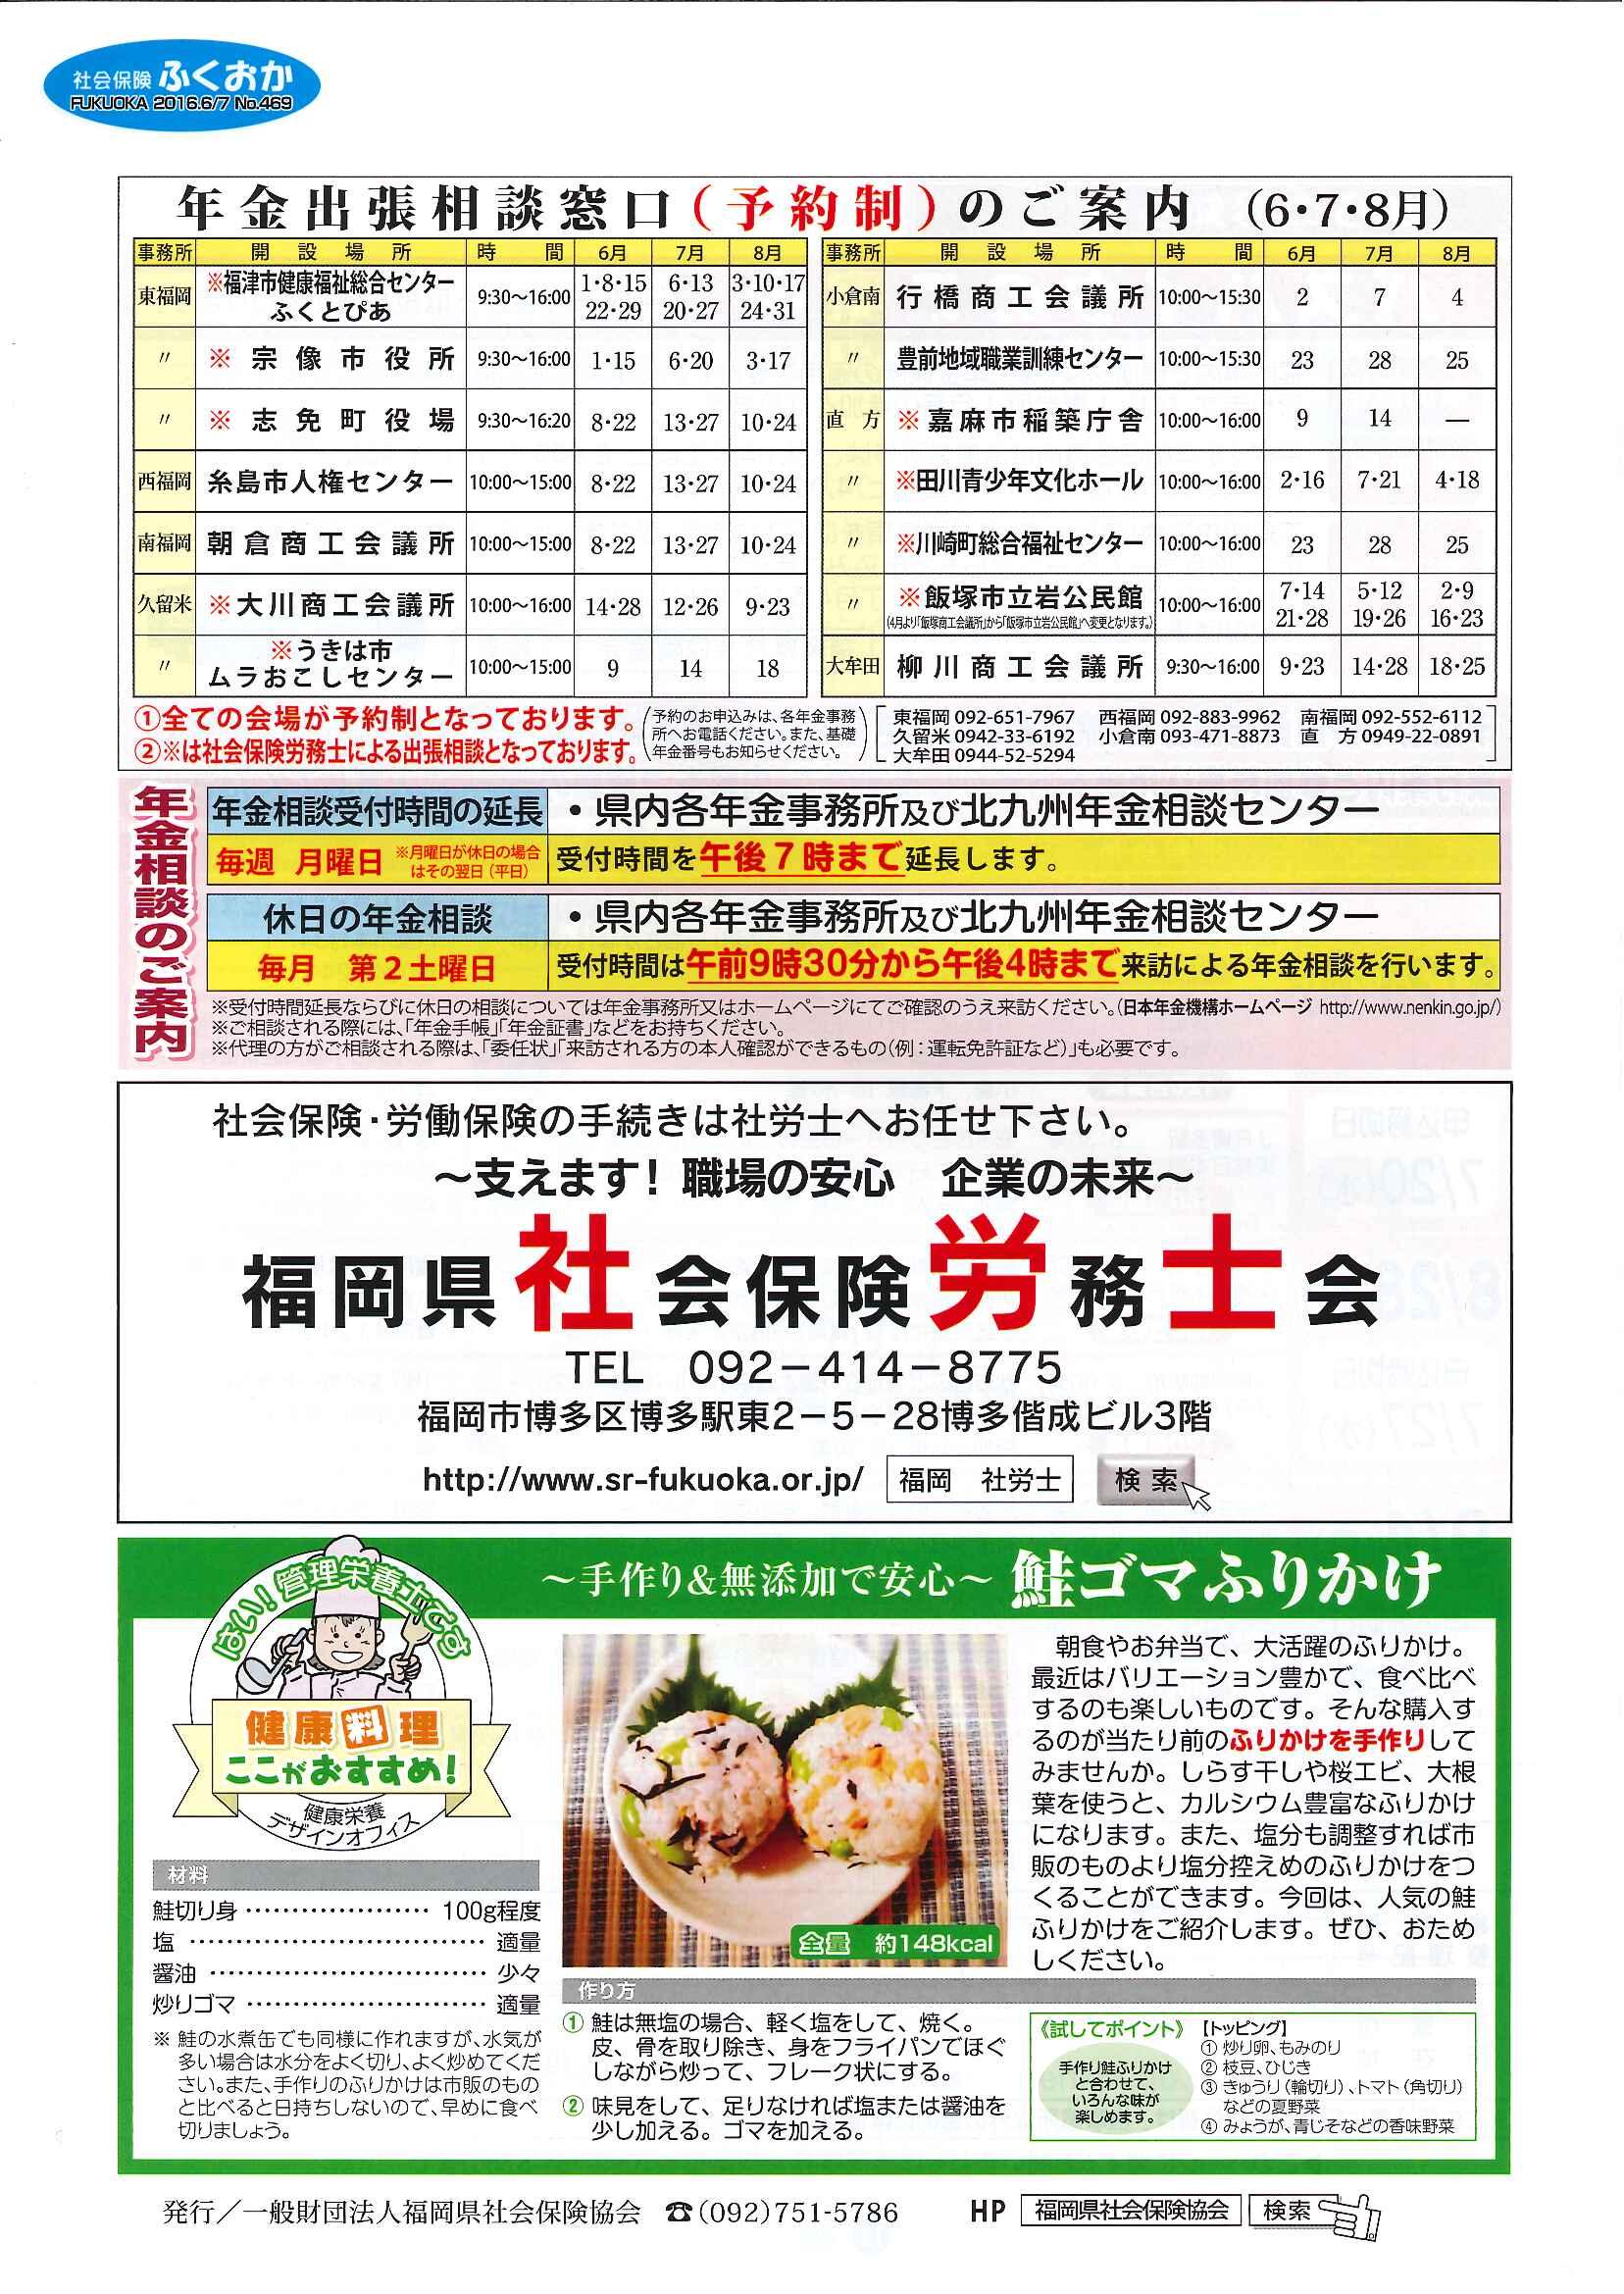 社会保険 ふくおか 2016年6・7月号_f0120774_1540567.jpg